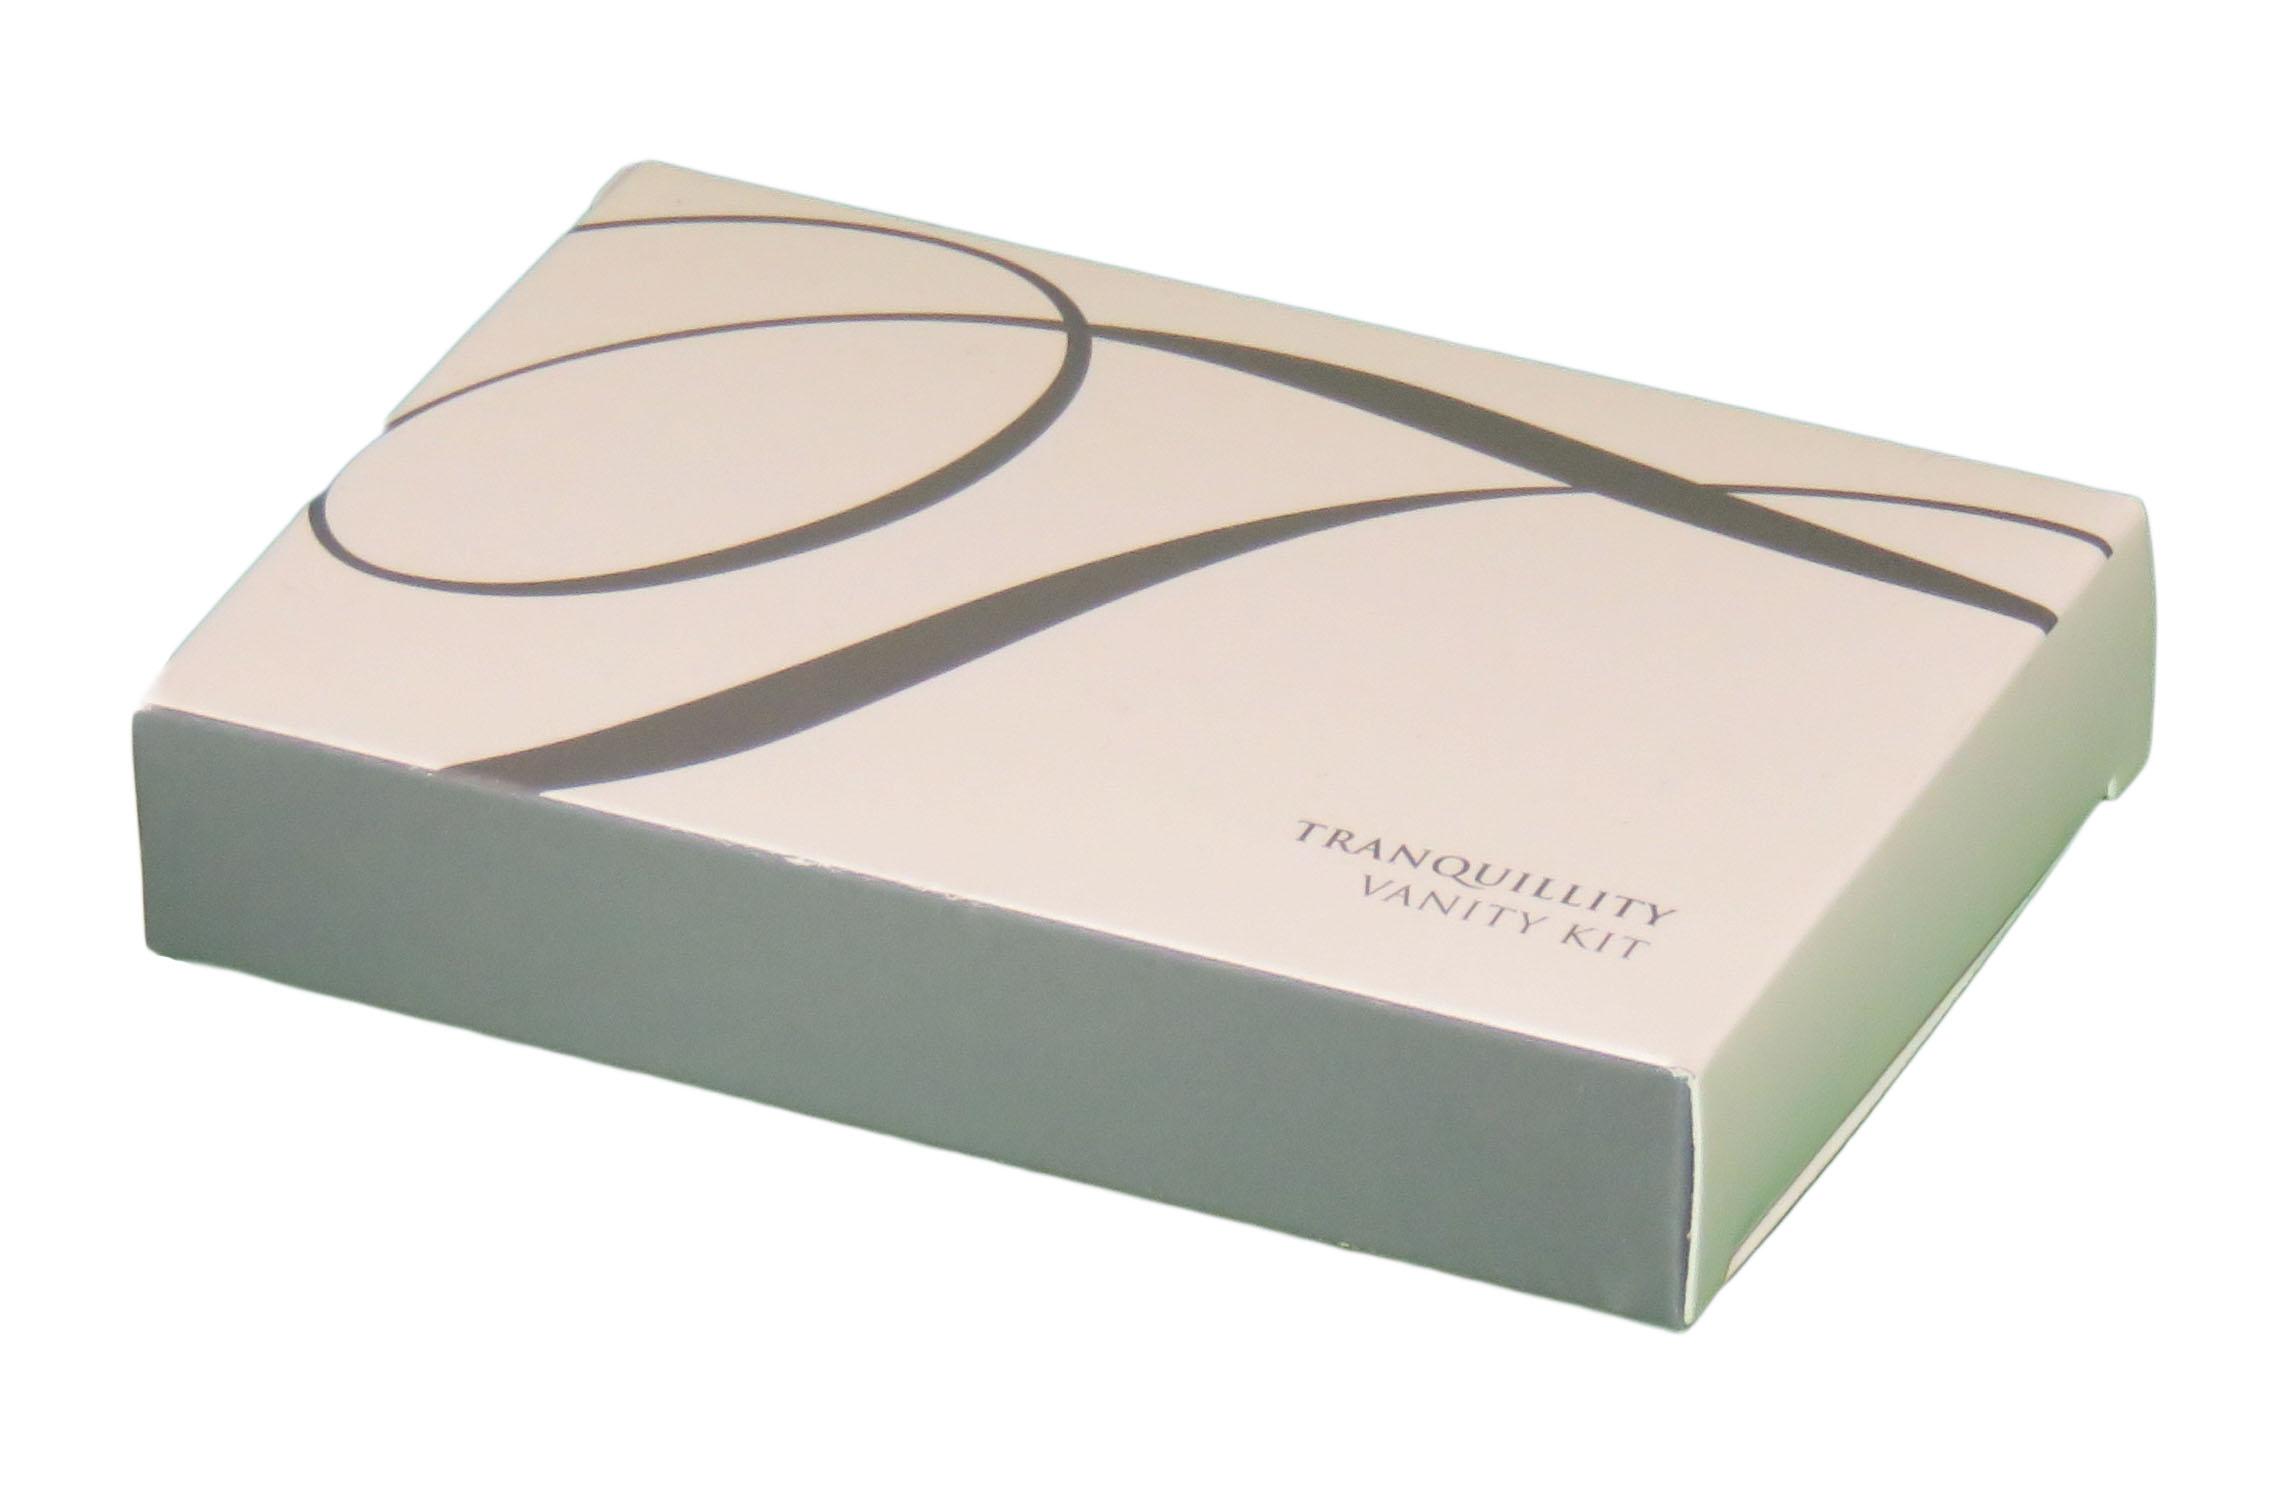 Tranquillity Hotel Vanity Kit